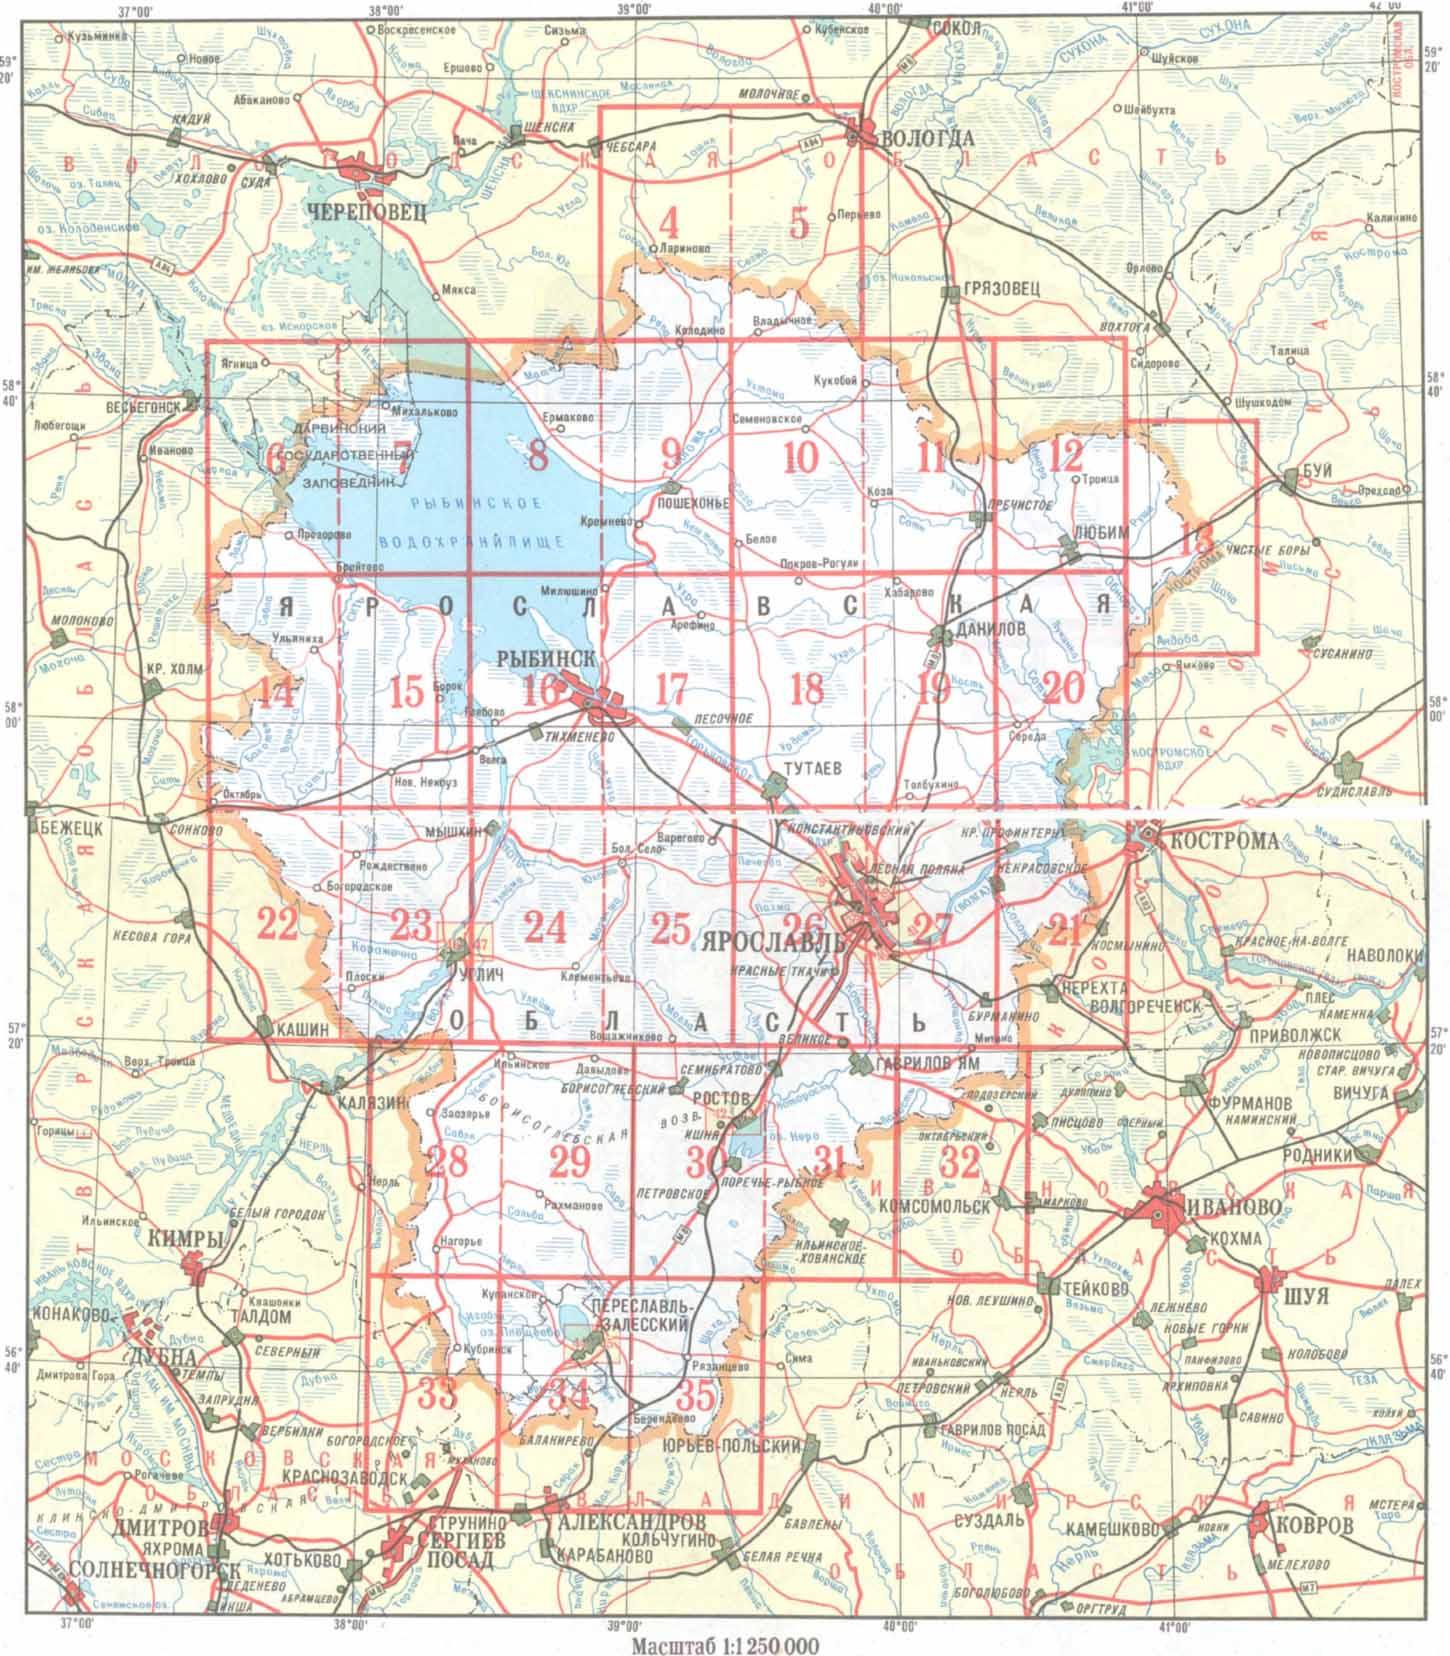 Ярославская область. Топографическая карта